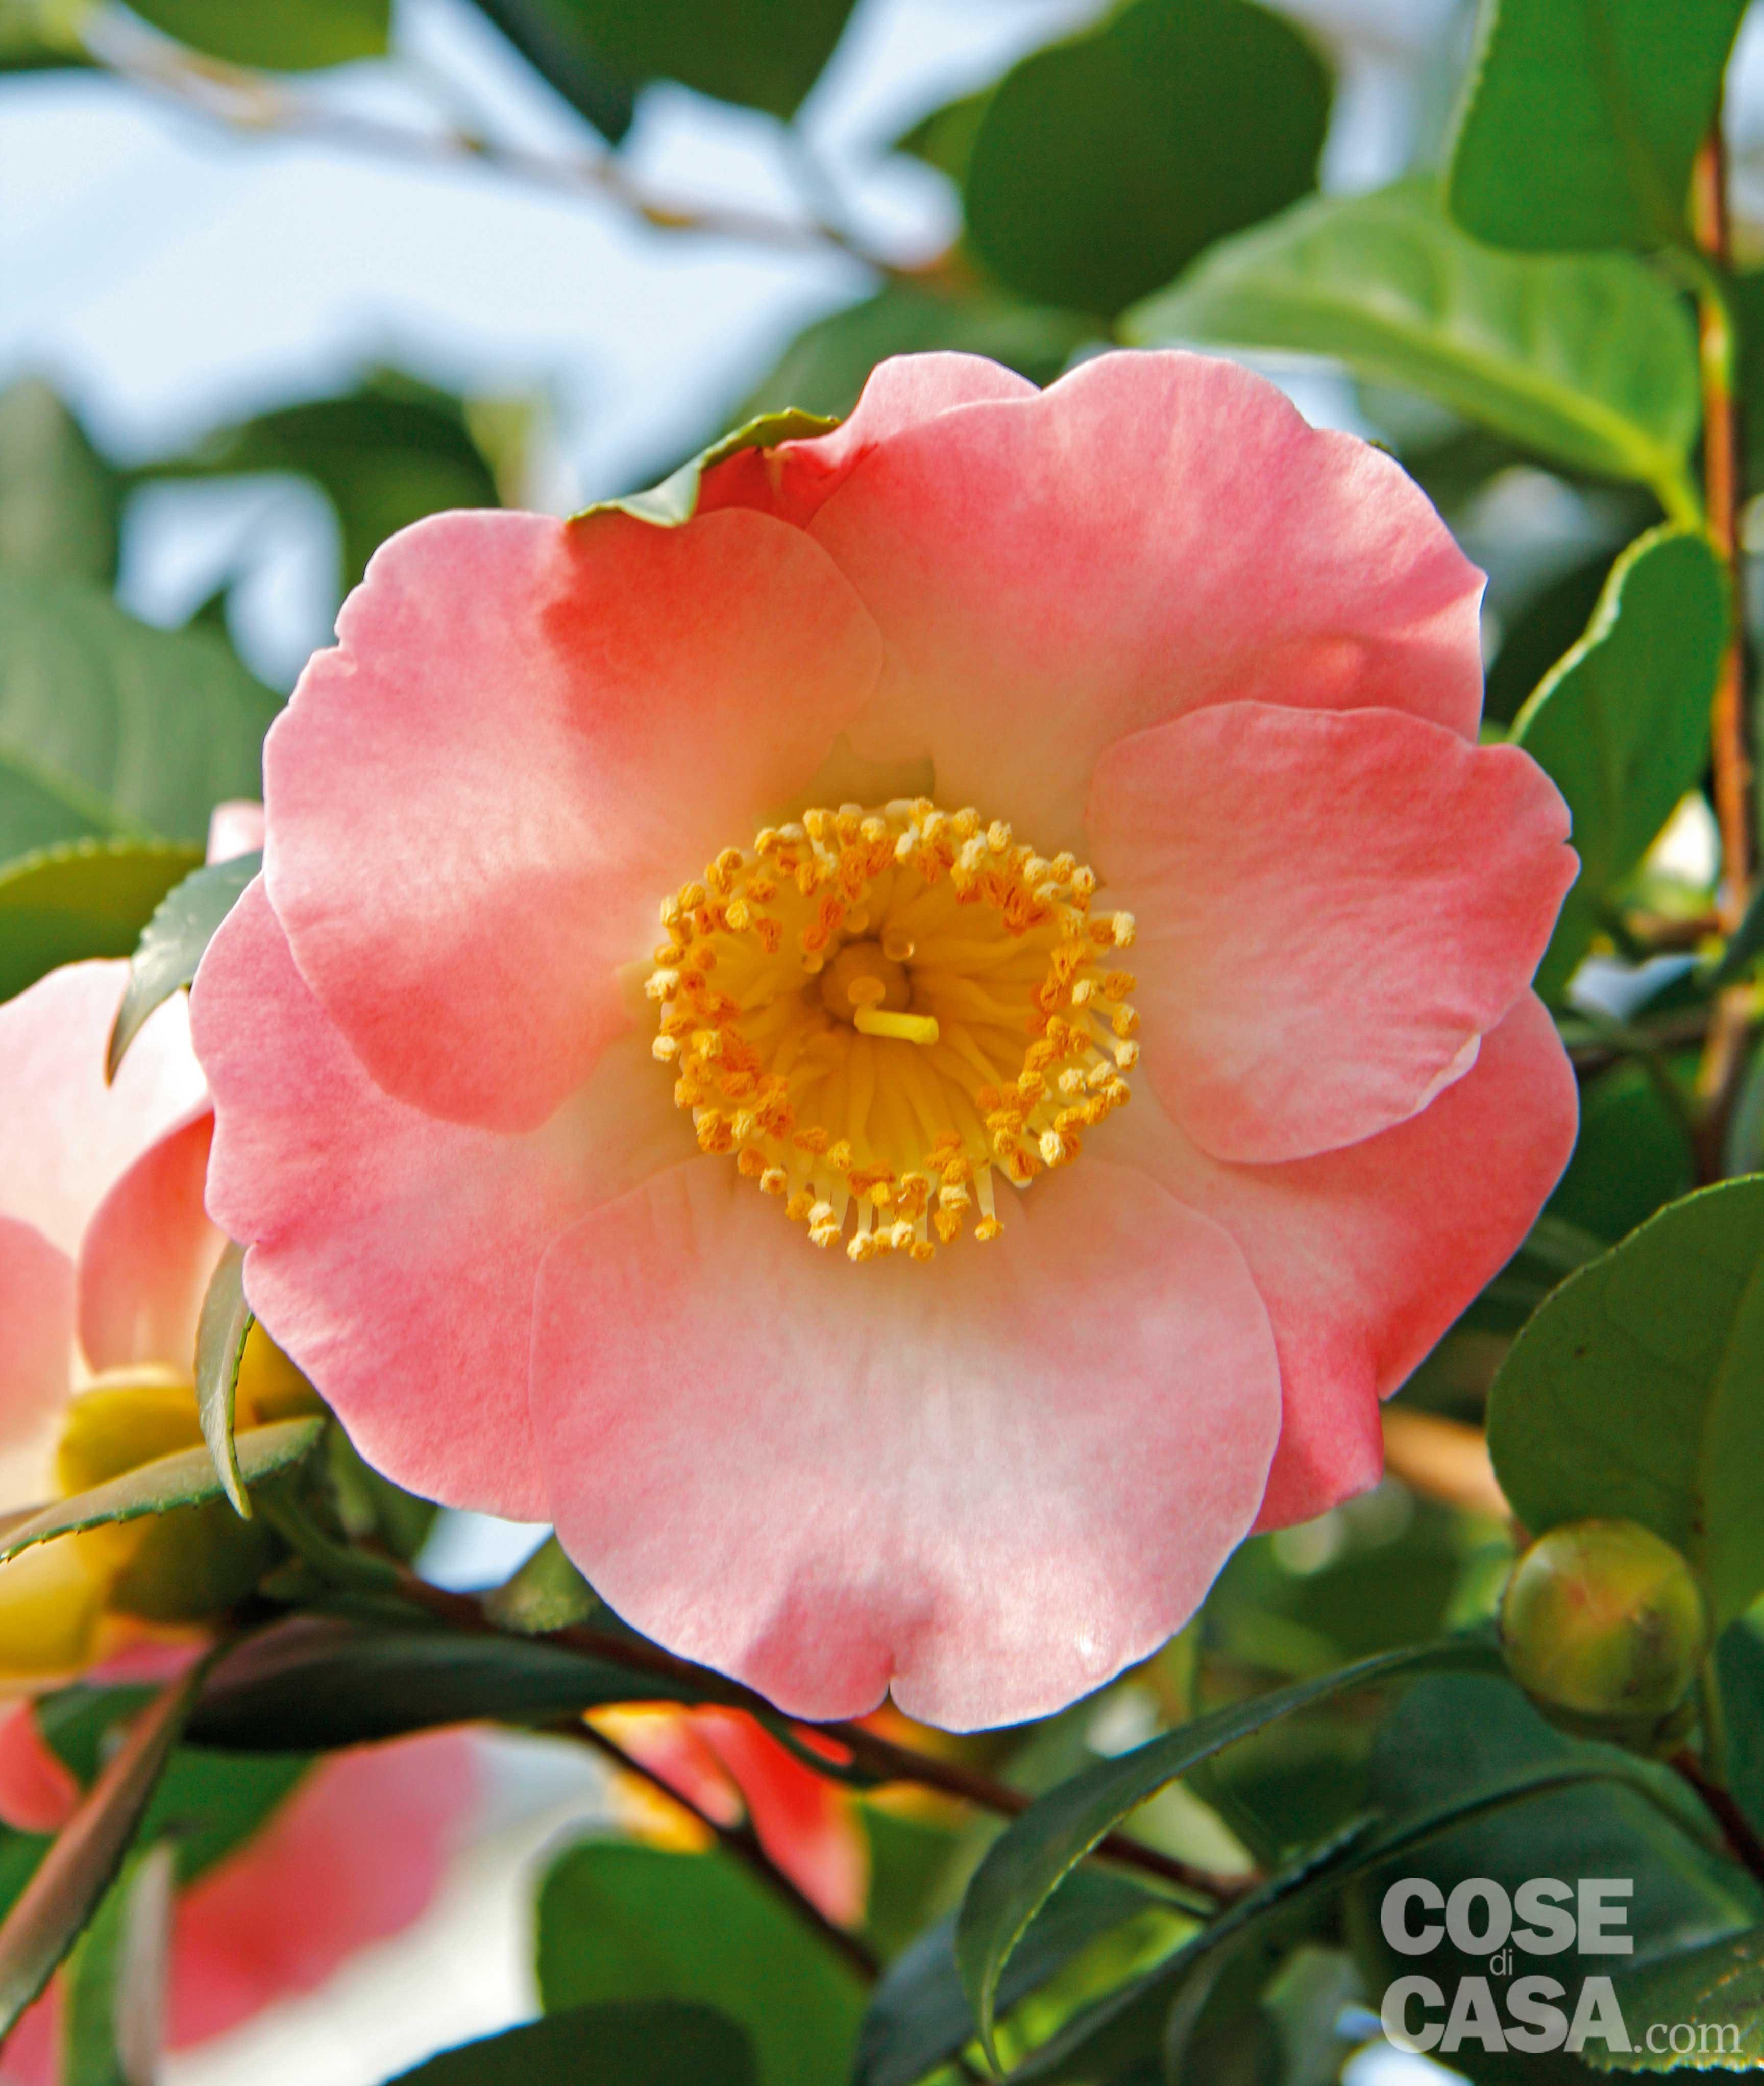 Piante Perenni Resistenti Al Freddo la siepe fiorita tutto l'anno - cose di casa